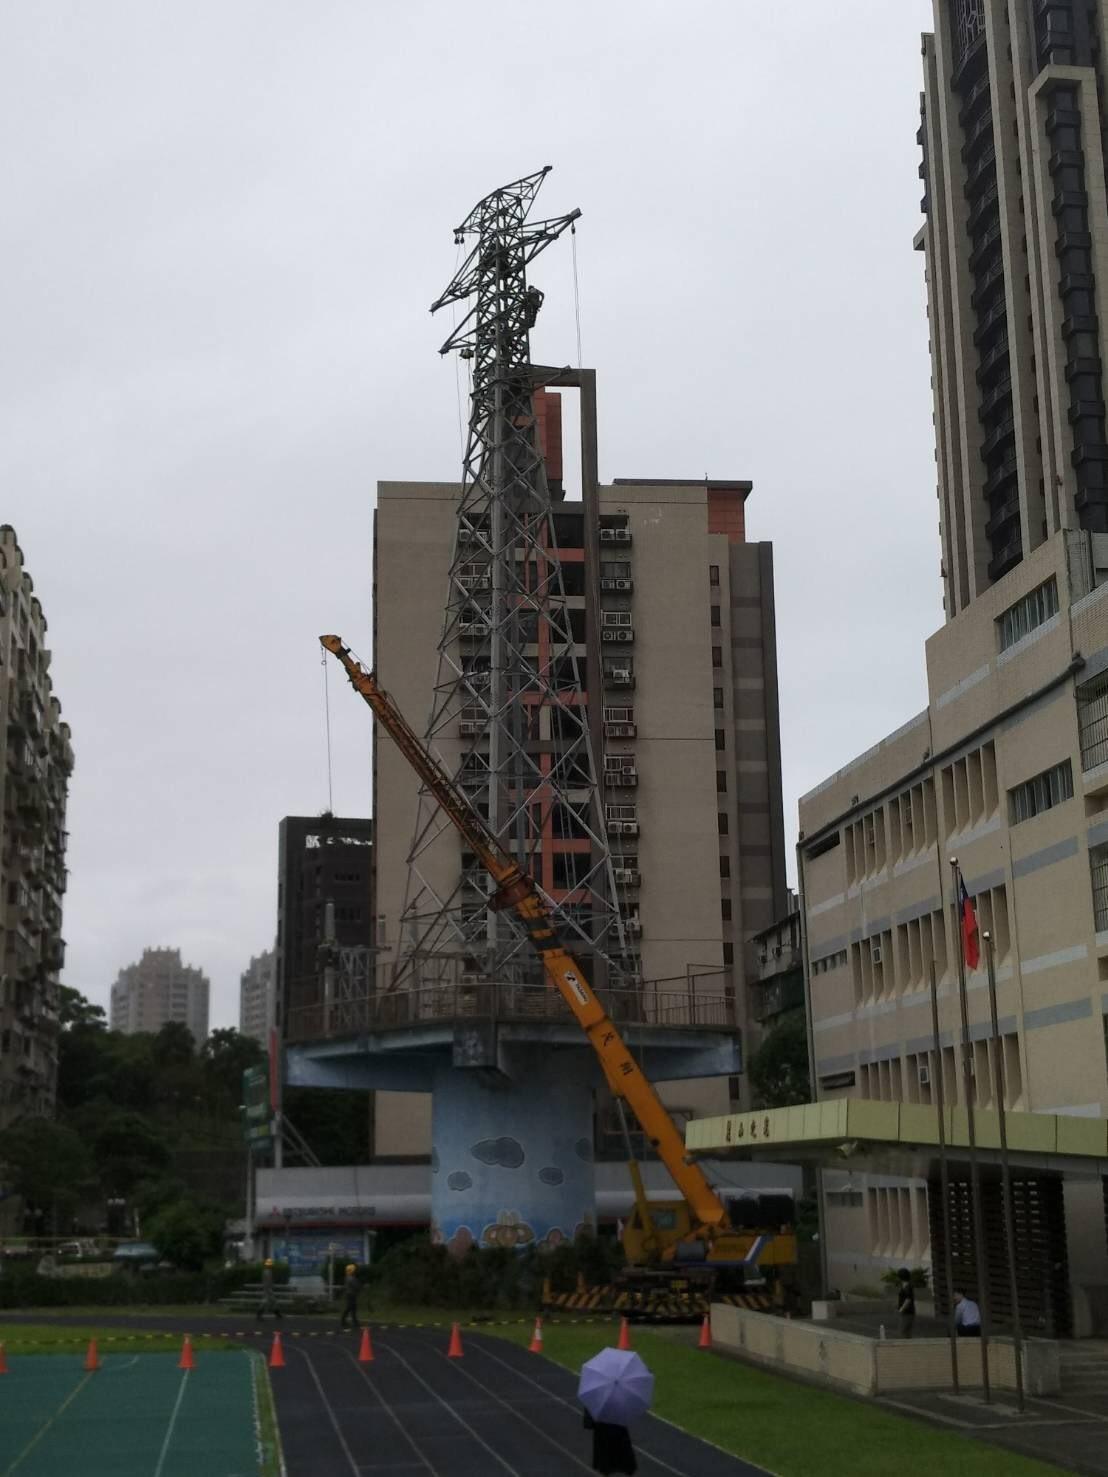 台北市內湖區麗山國小電塔等了30年,終於在上月拆除,校方將拆除過程拍成紀錄片,2...